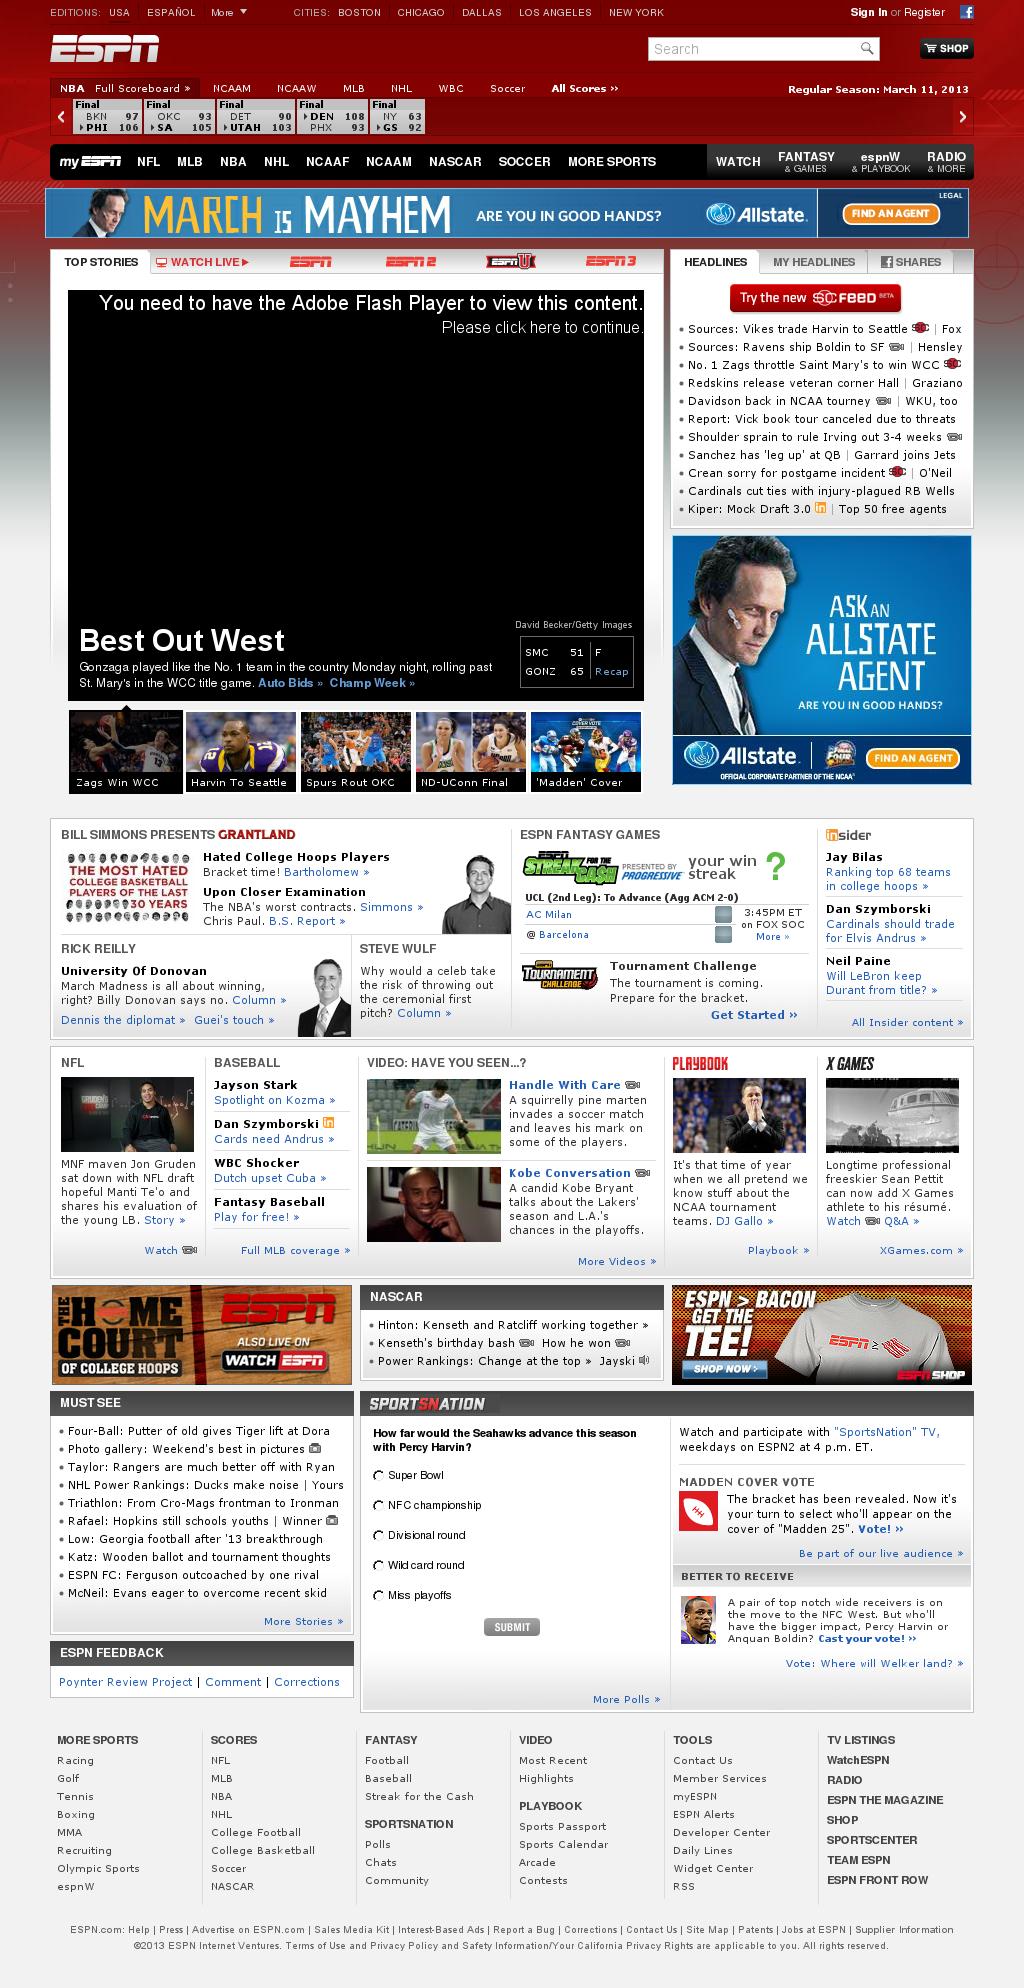 ESPN at Tuesday March 12, 2013, 6:05 a.m. UTC